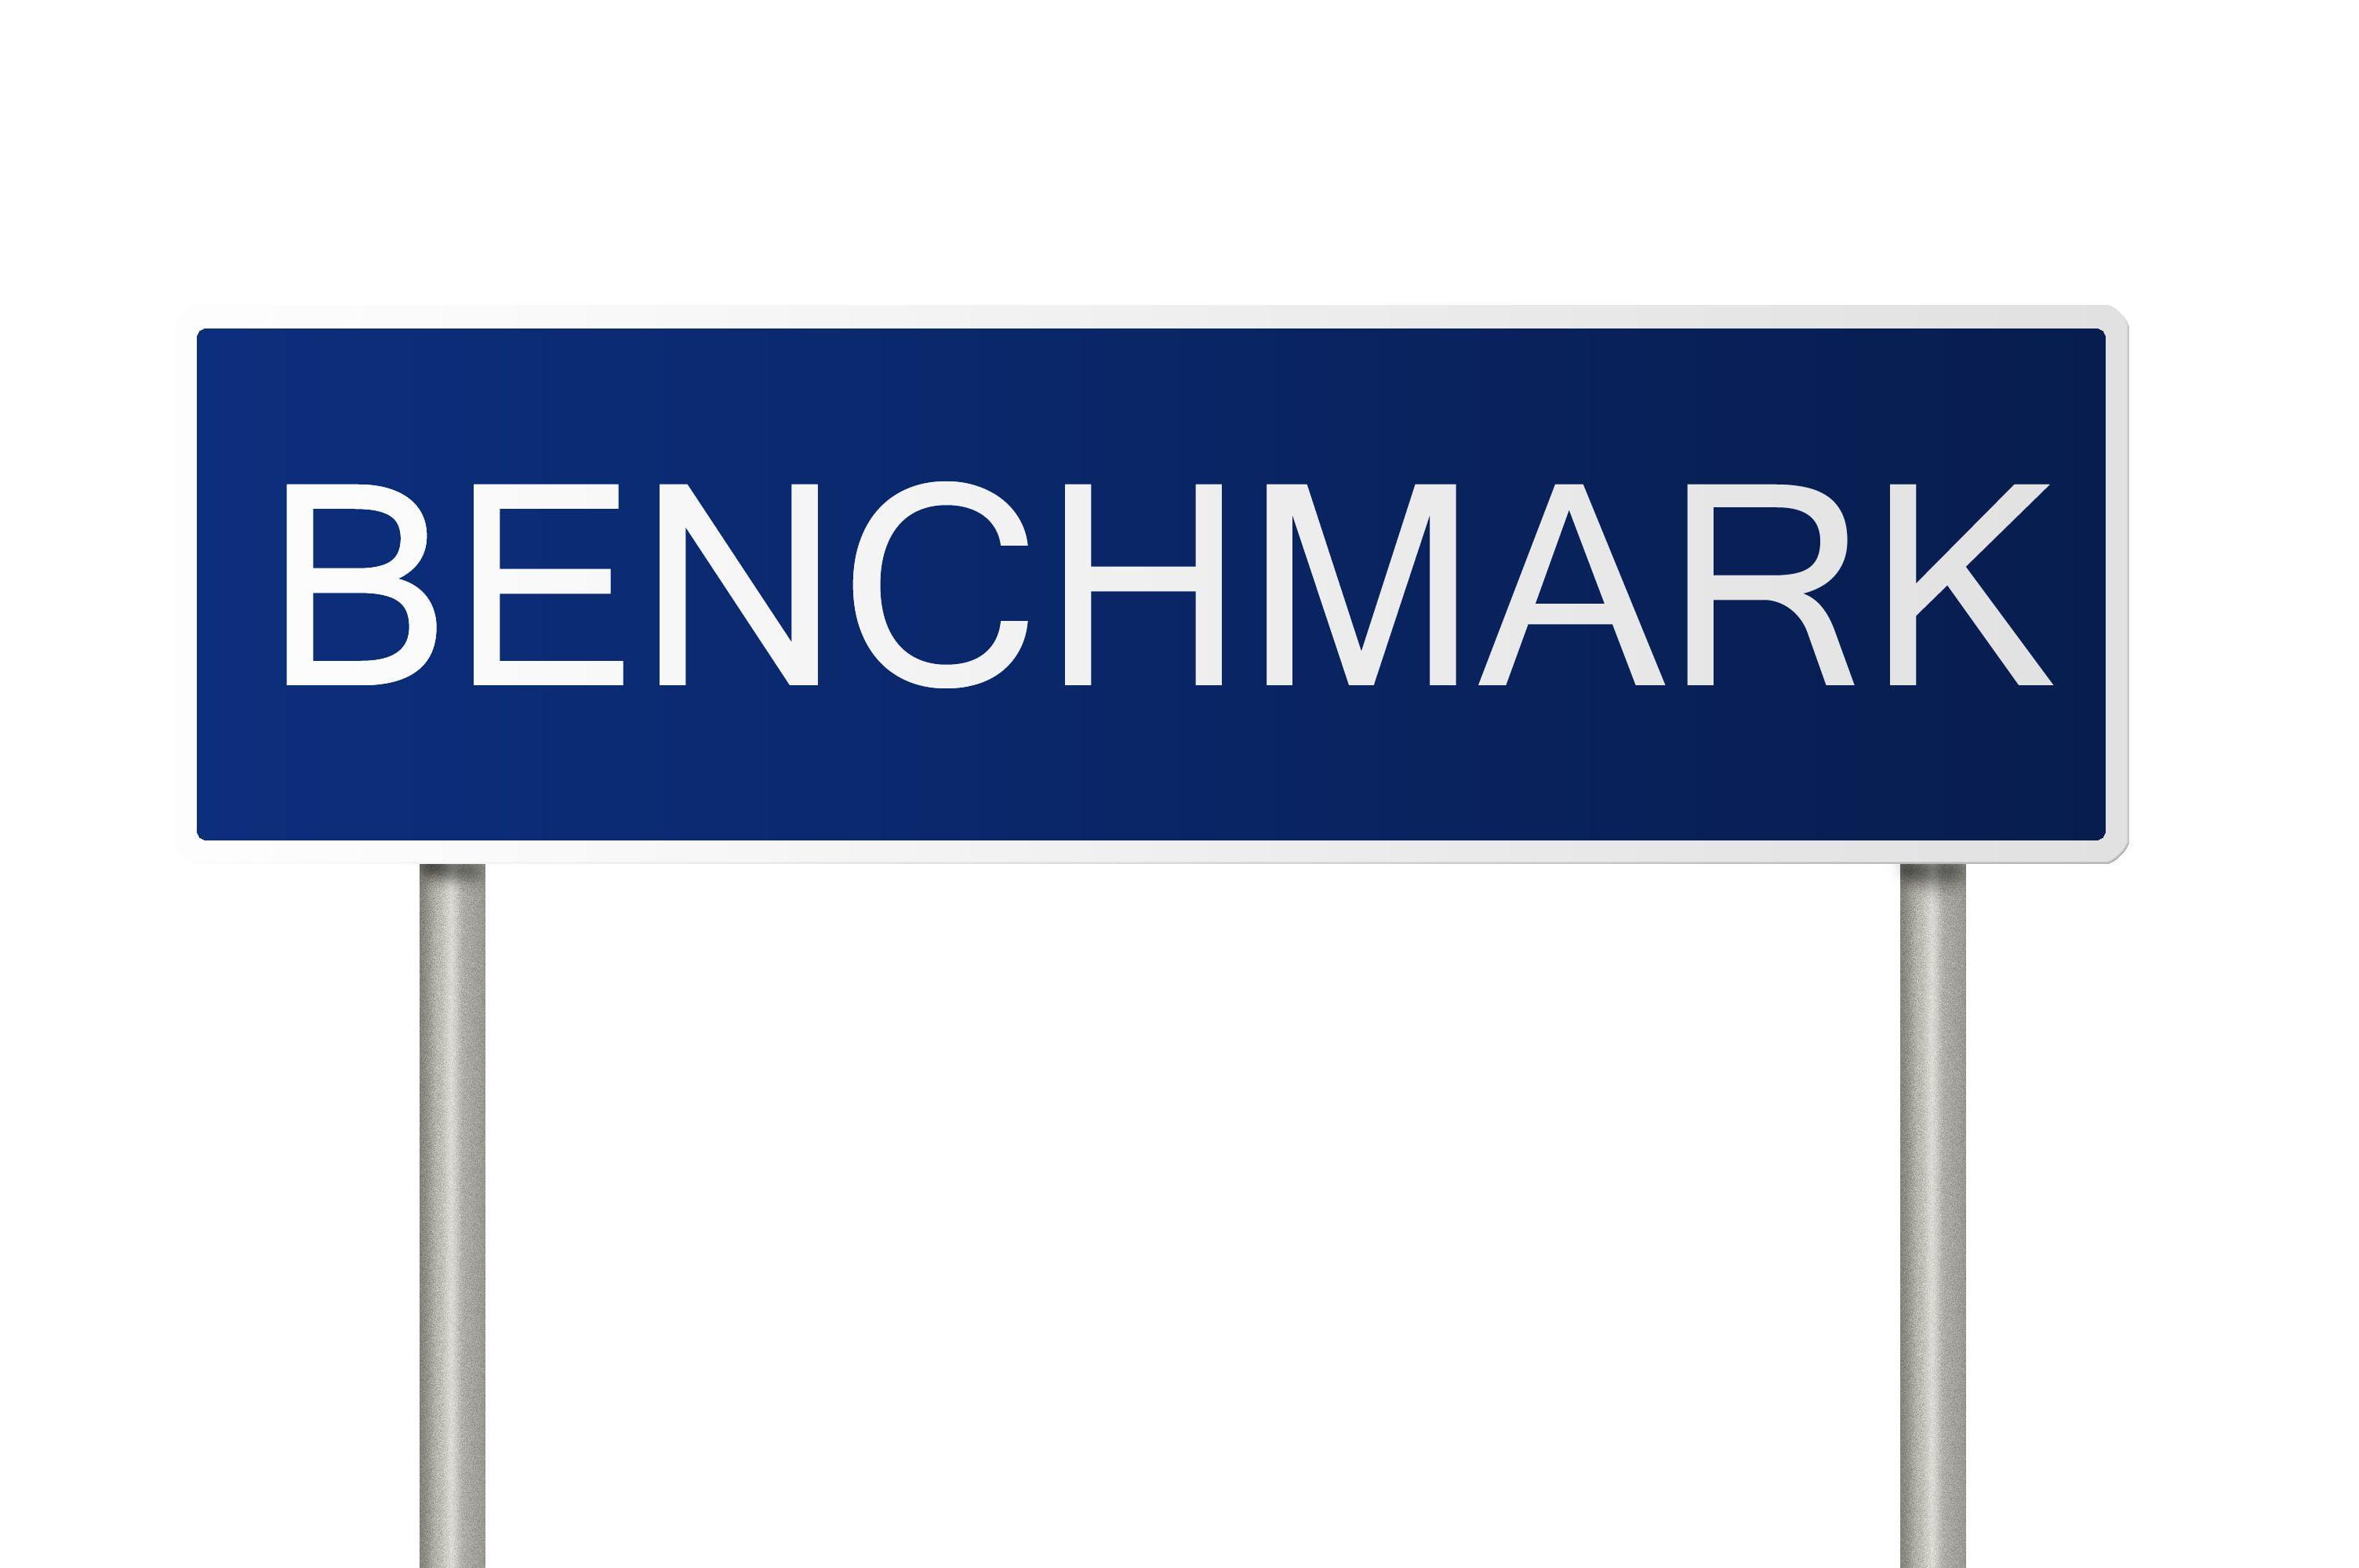 Benchmark bord blauw